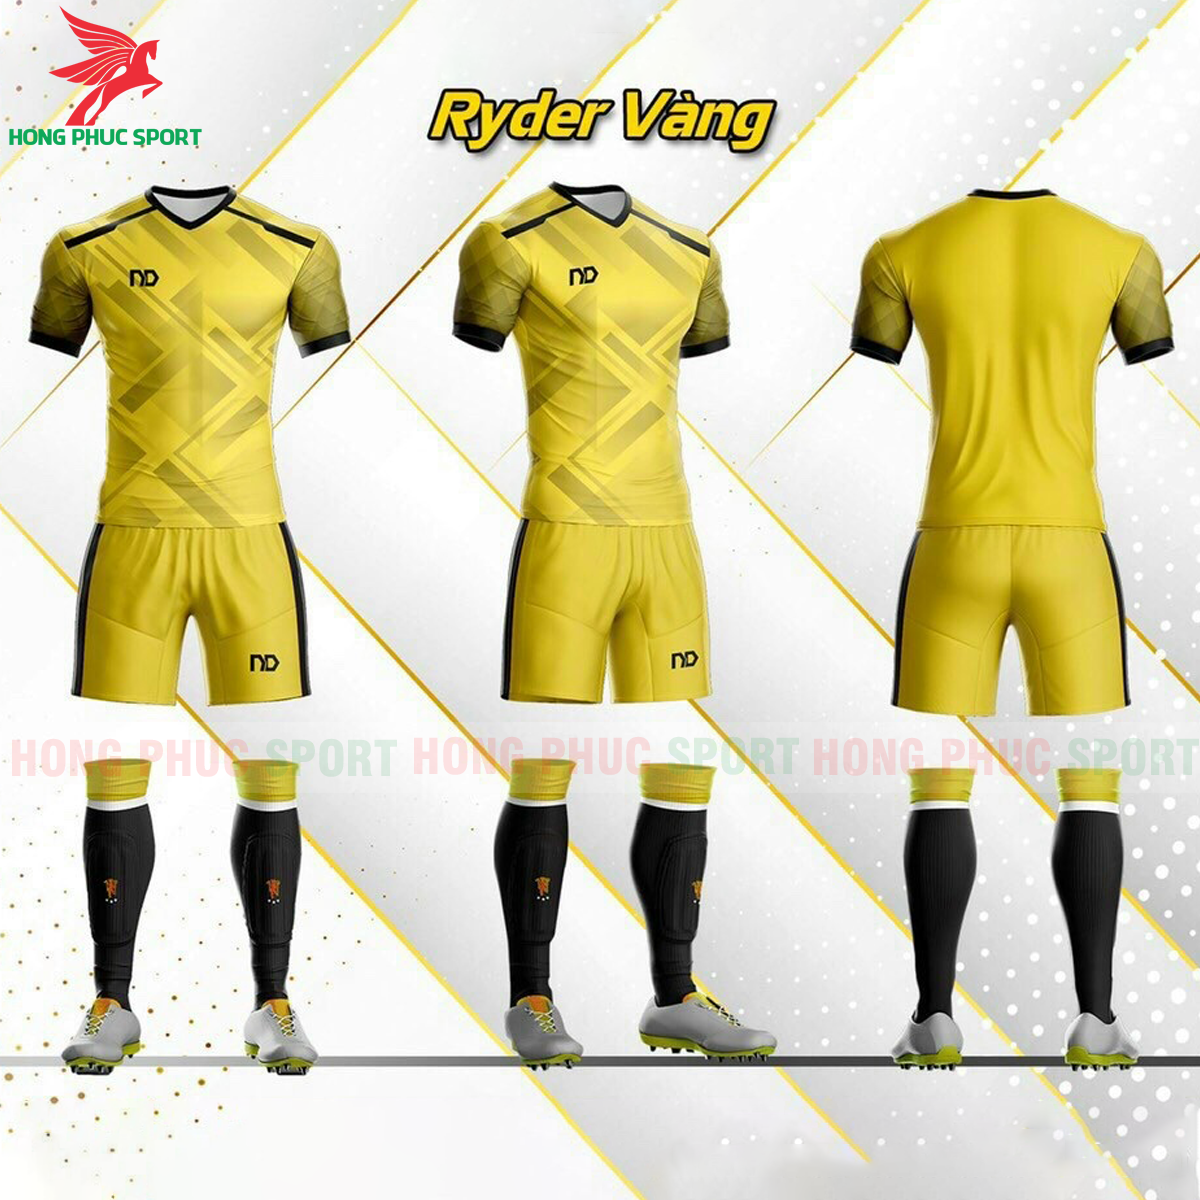 Áo đá banh không logo ND Ryder2021 màu vàng